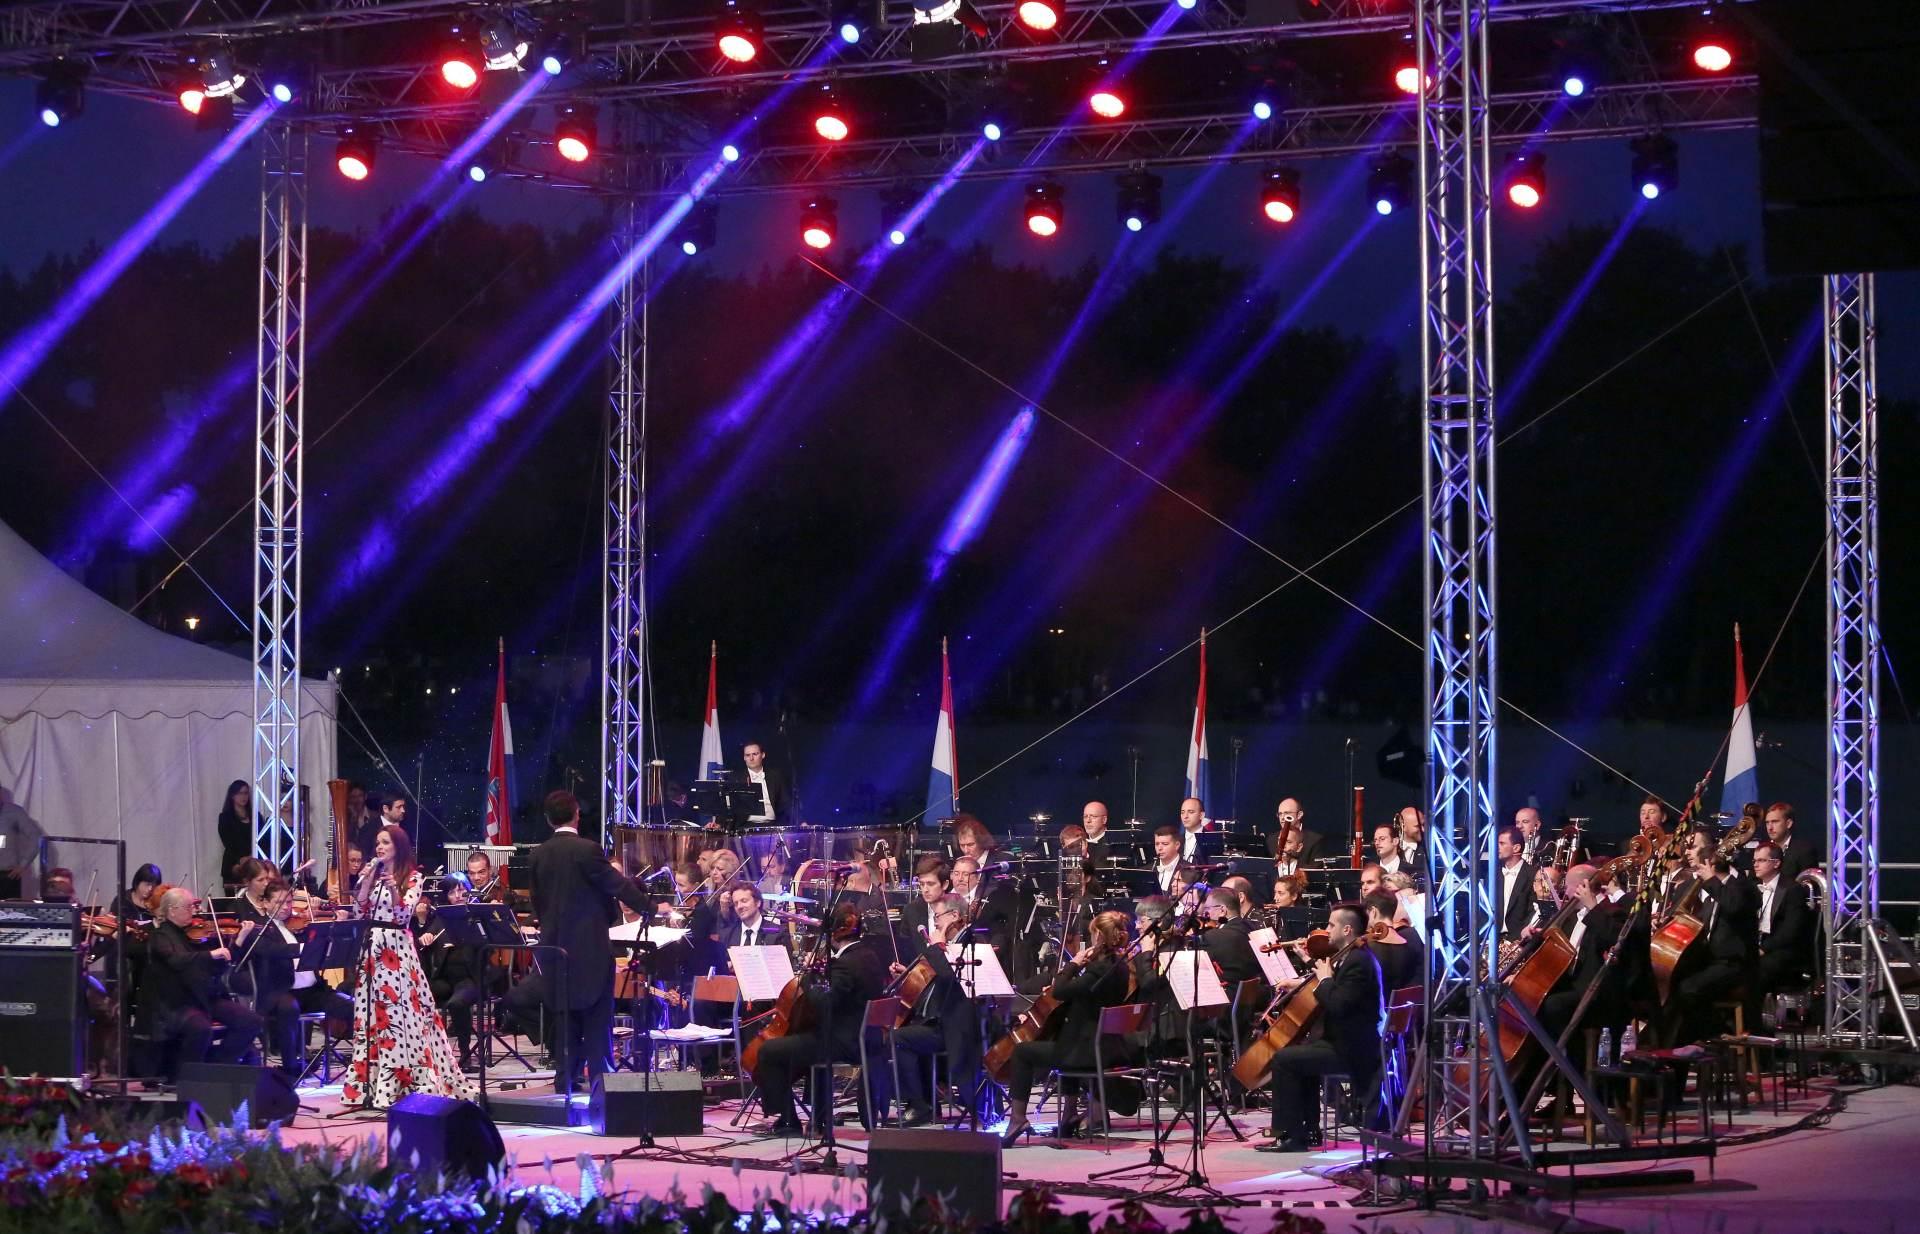 GRADU NA DAR Zagrebačka filharmonija svečanim koncertom obilježava Dan grada Zagreba